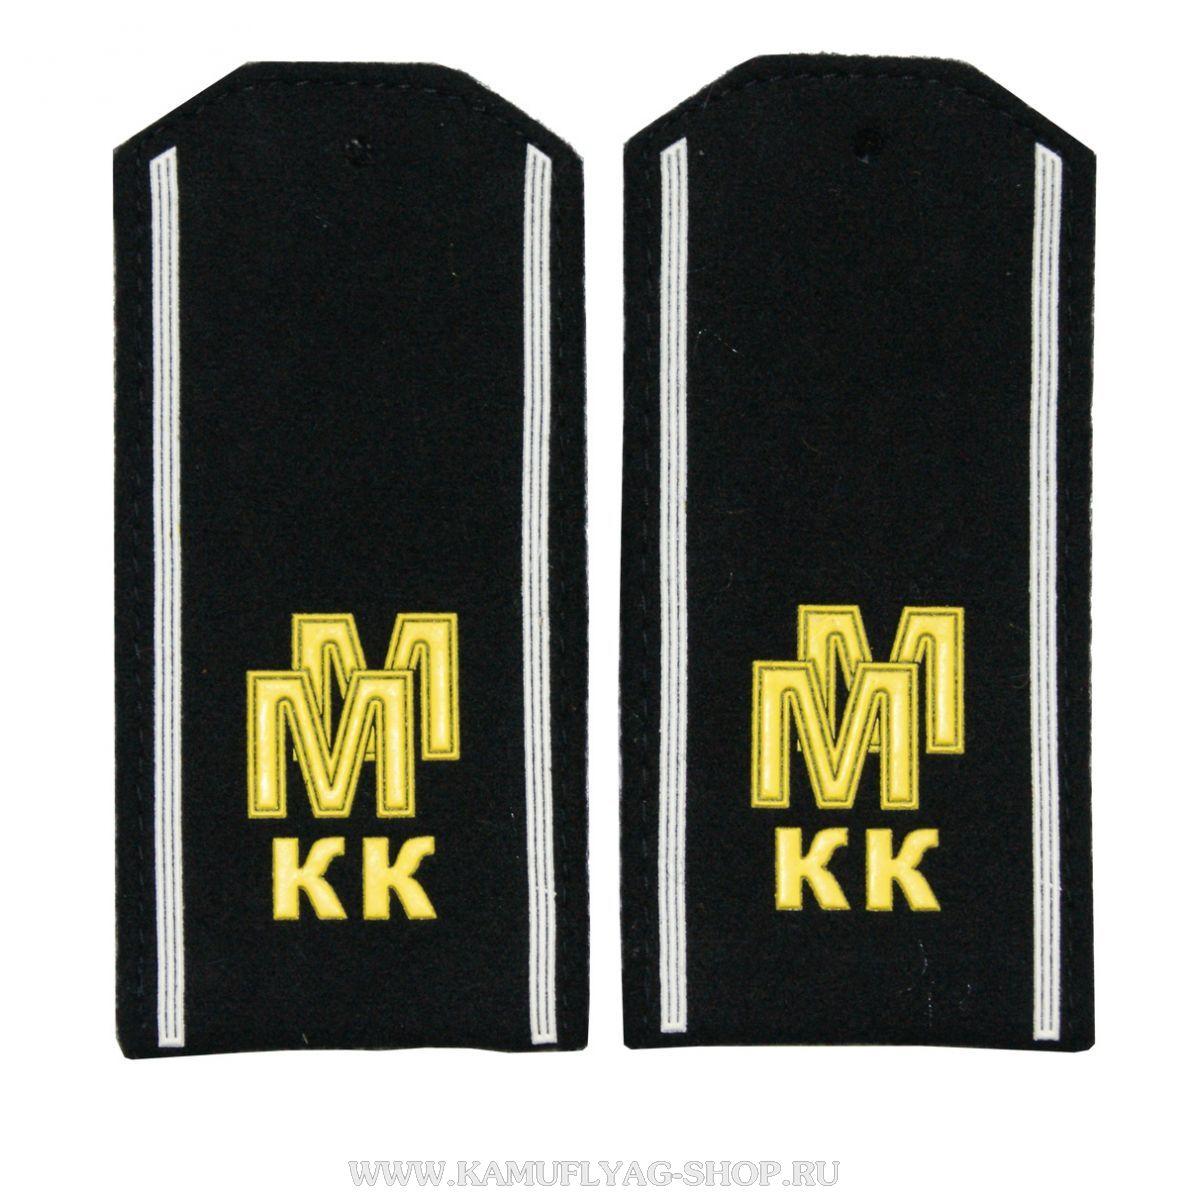 Погоны ММКК (черное сукно), (пара)